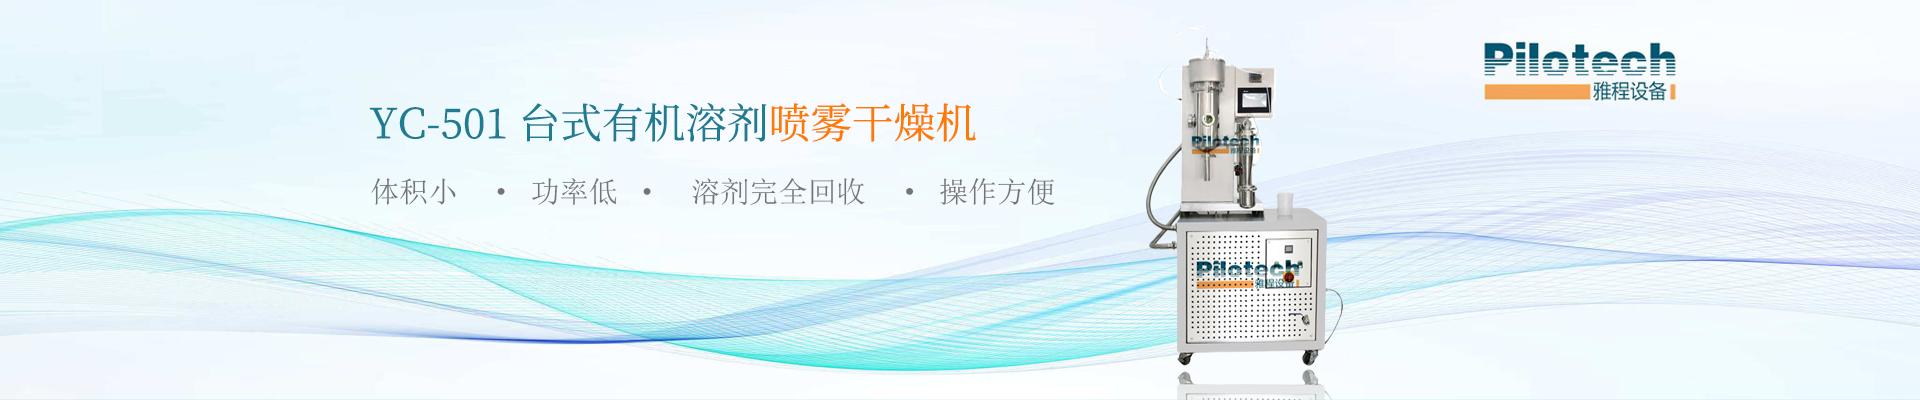 上海雅程仪器设备有限公司